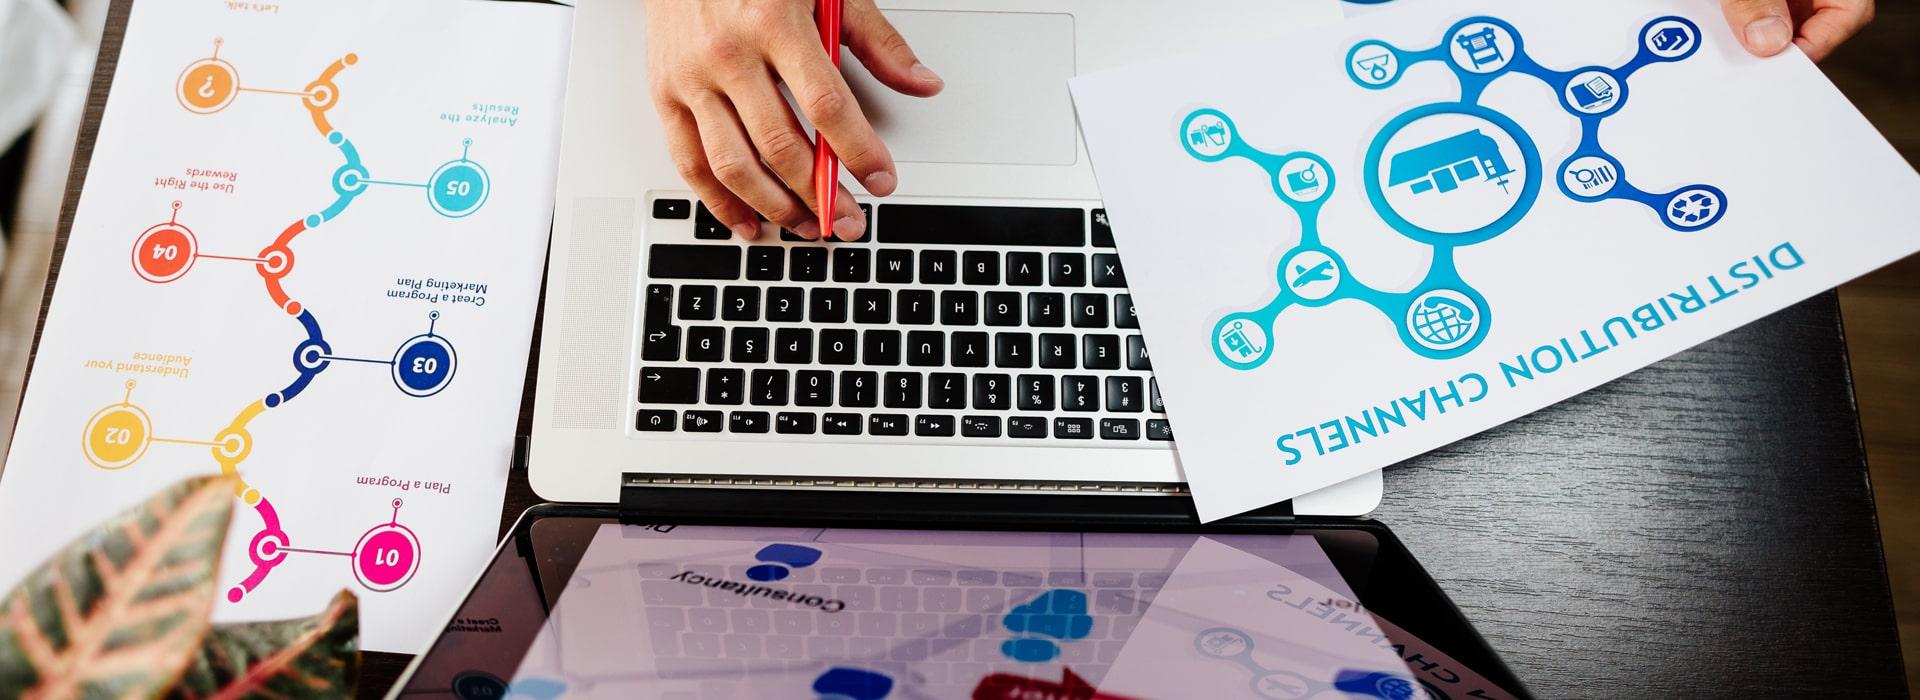 Enterprise Application Management